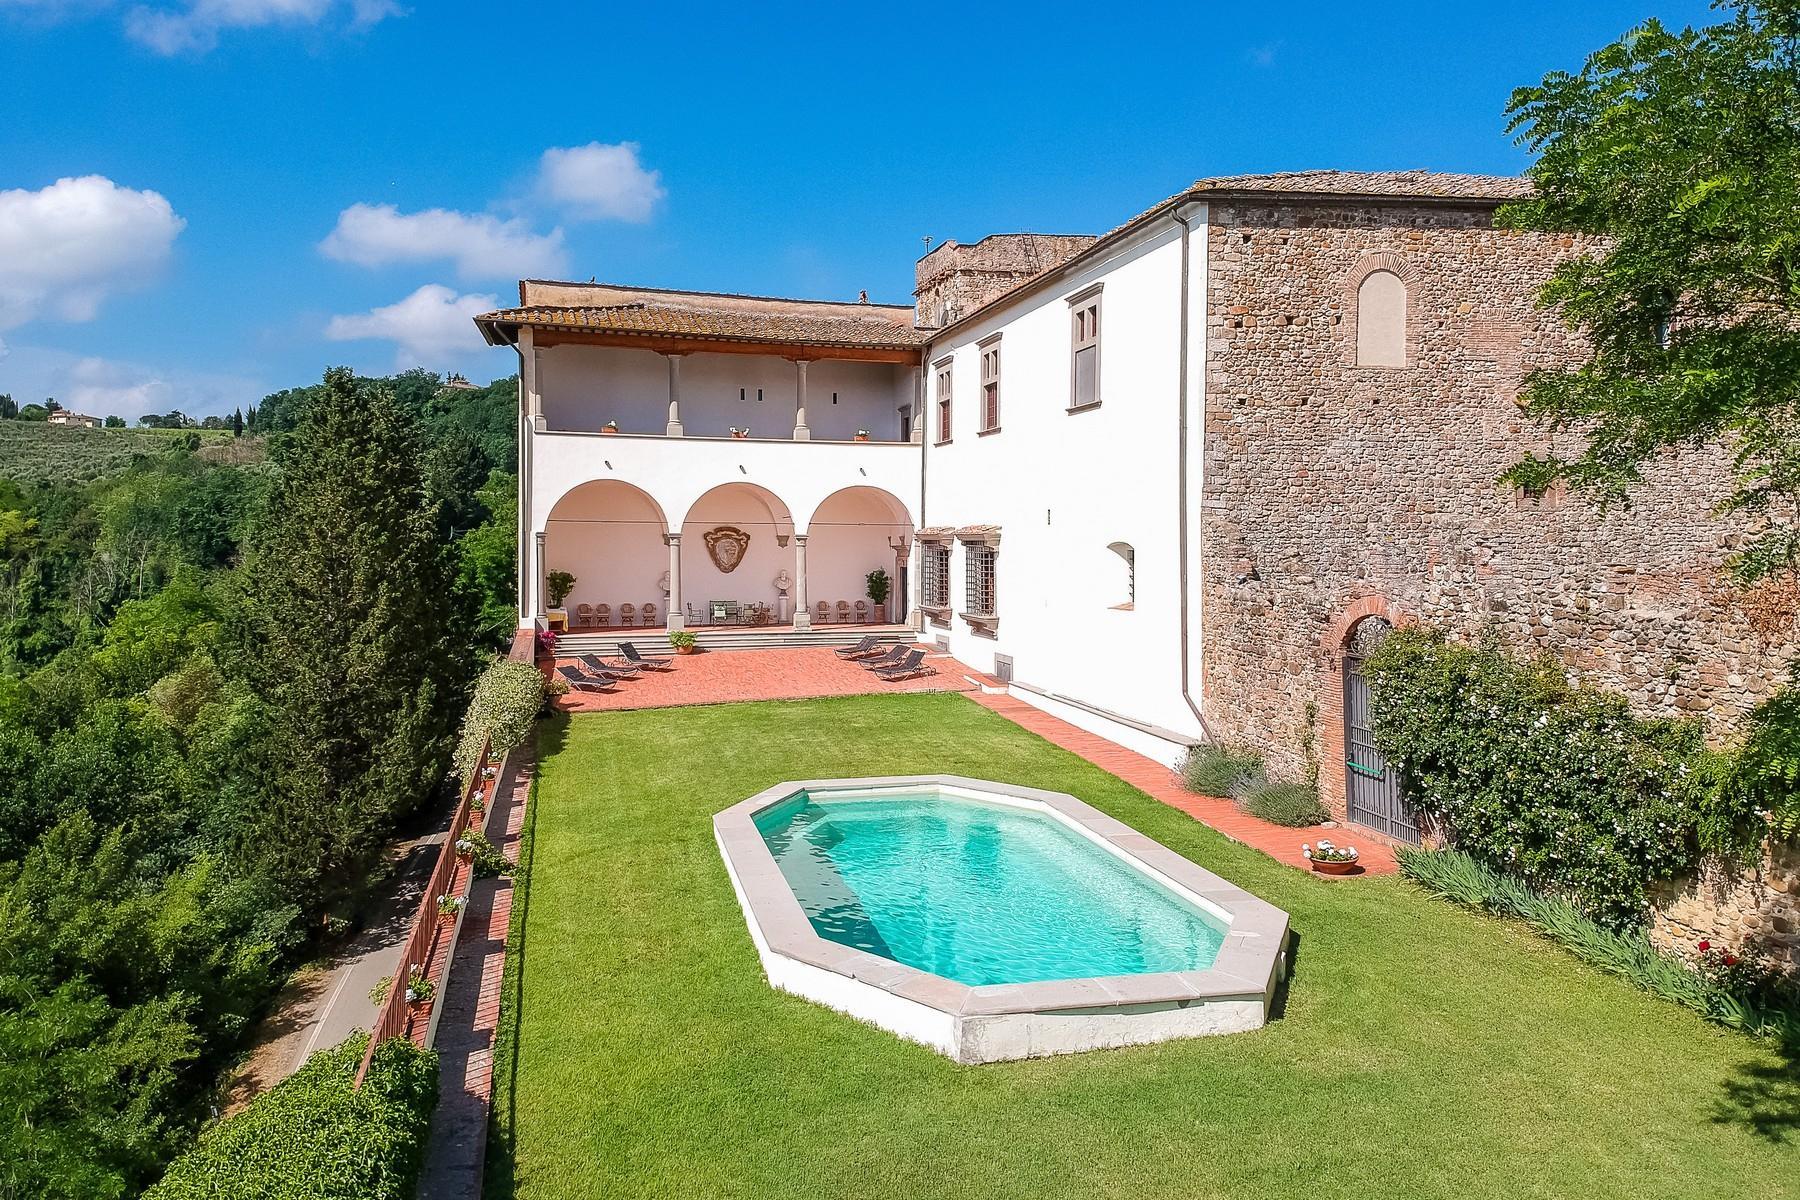 Castello Rinascimentale nel Chianti Fiorentino - 3